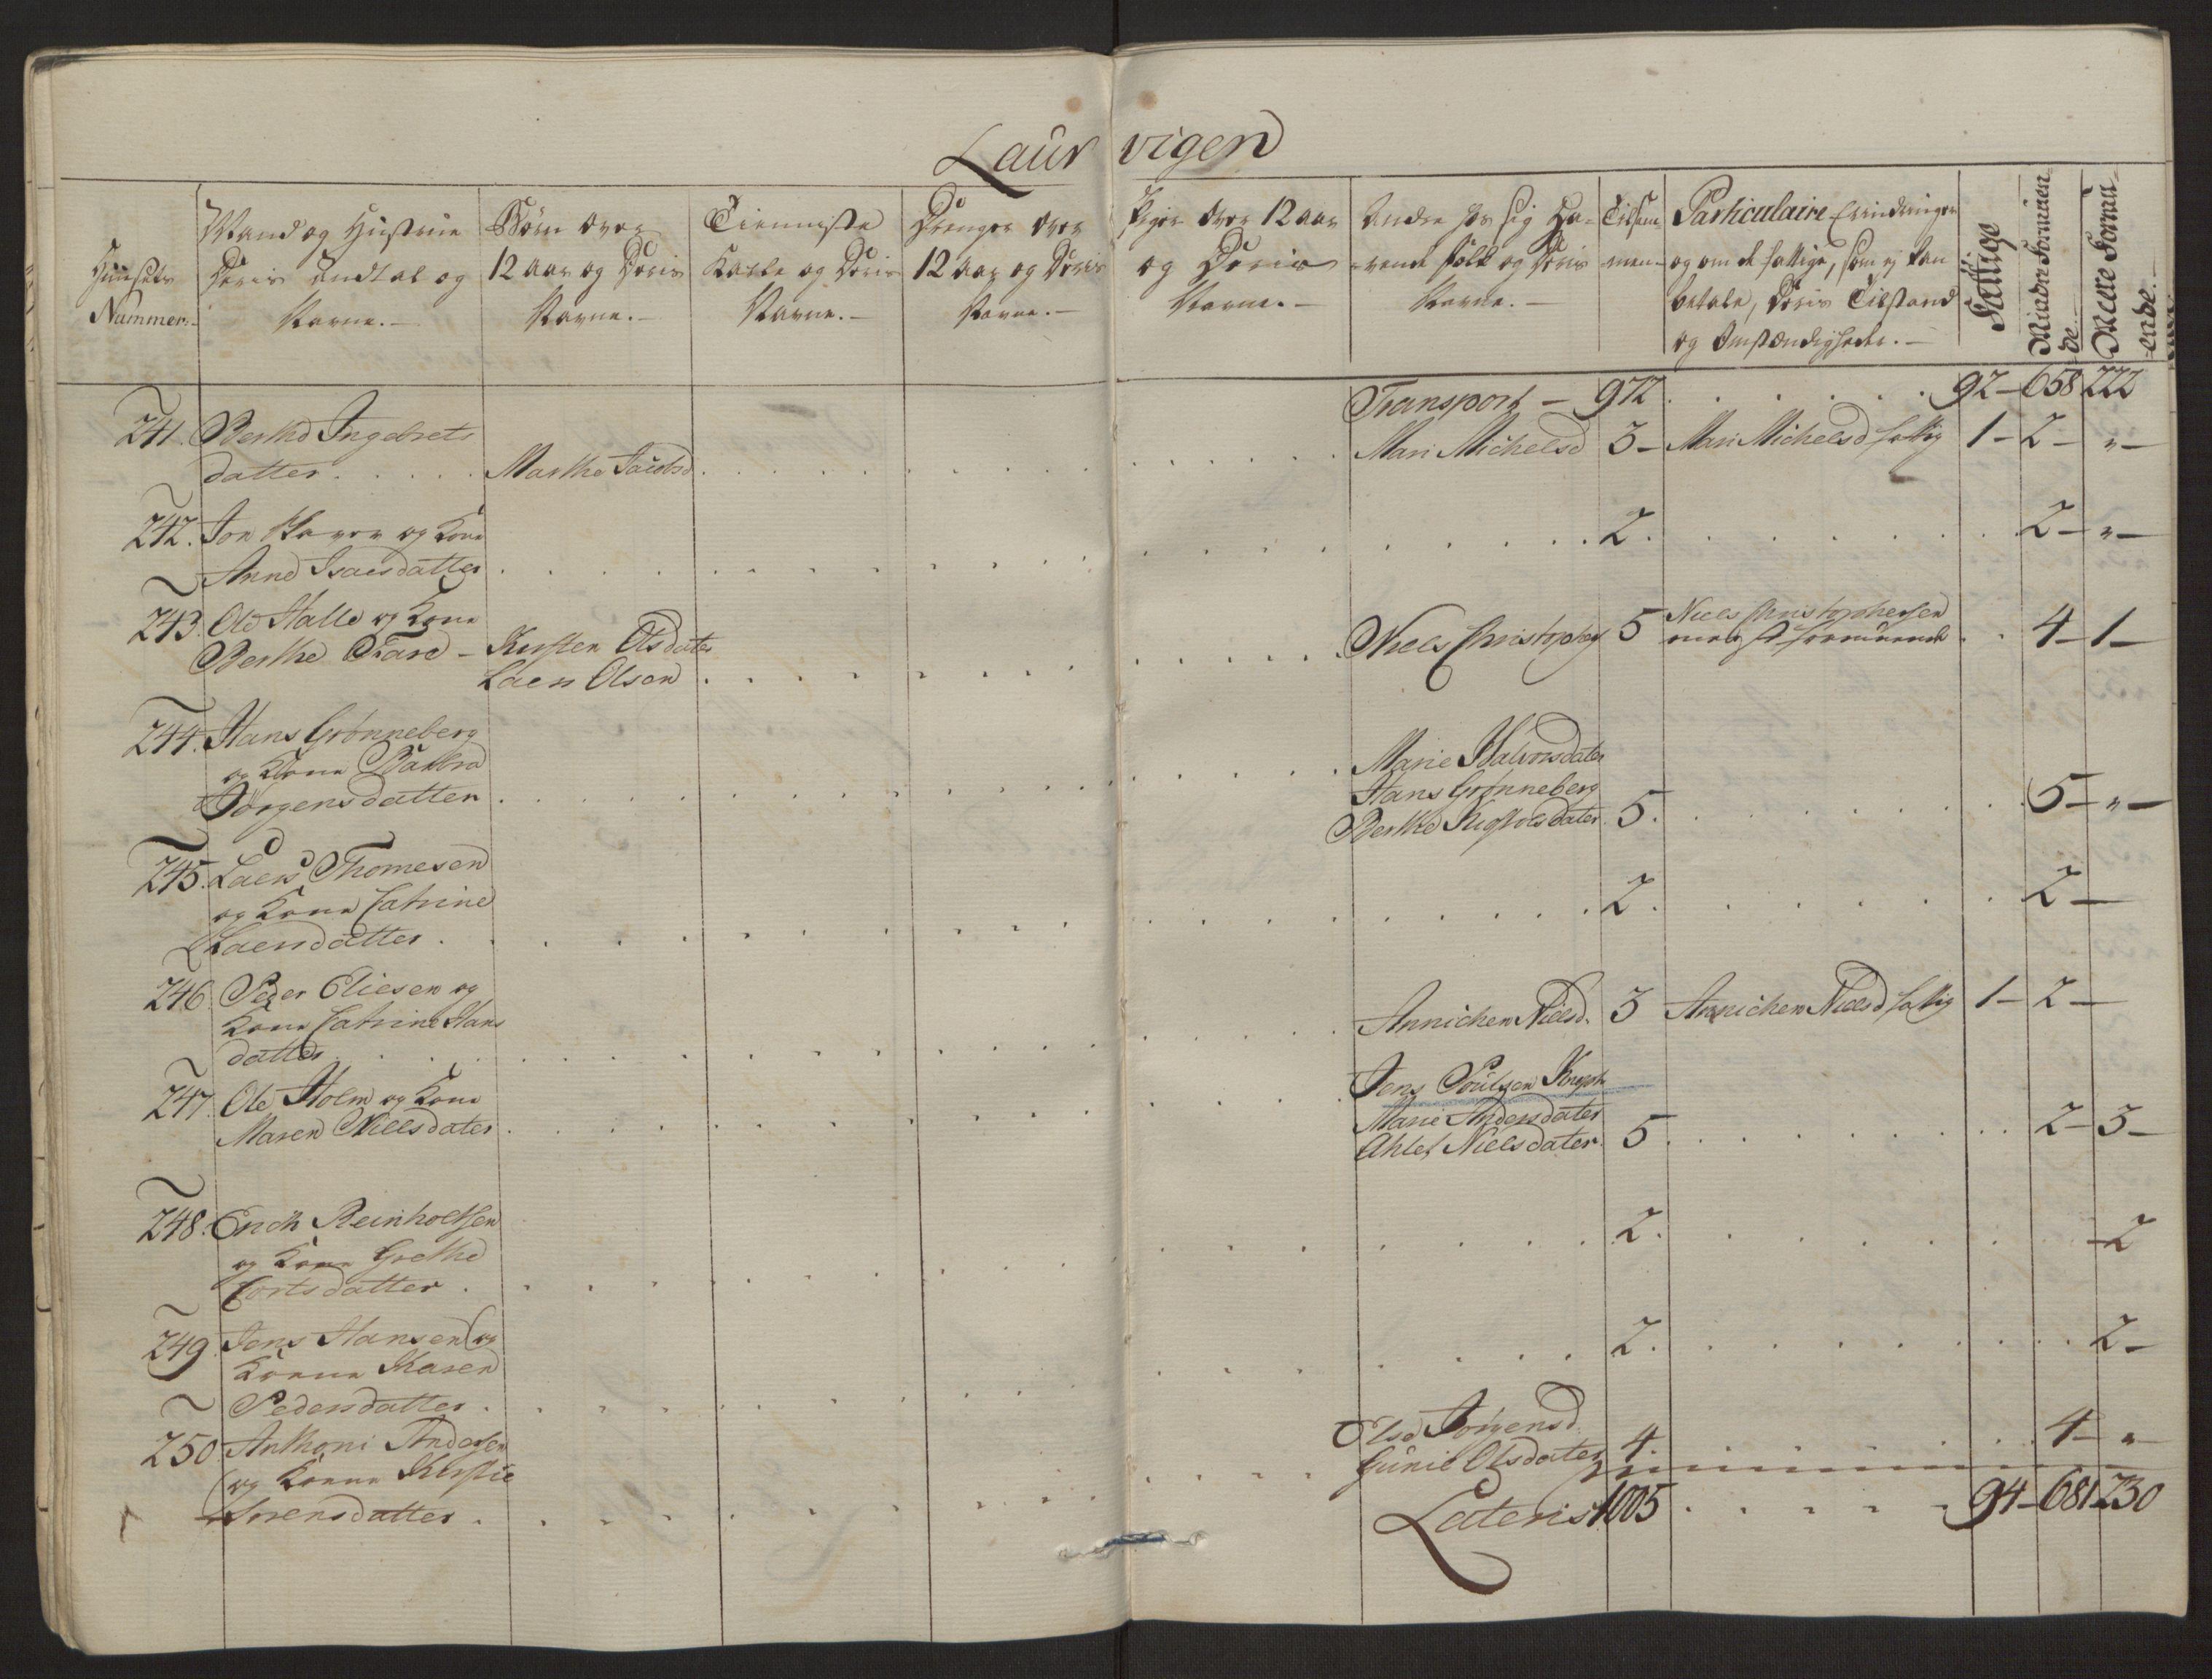 RA, Rentekammeret inntil 1814, Reviderte regnskaper, Byregnskaper, R/Ri/L0183: [I4] Kontribusjonsregnskap, 1762-1768, s. 42